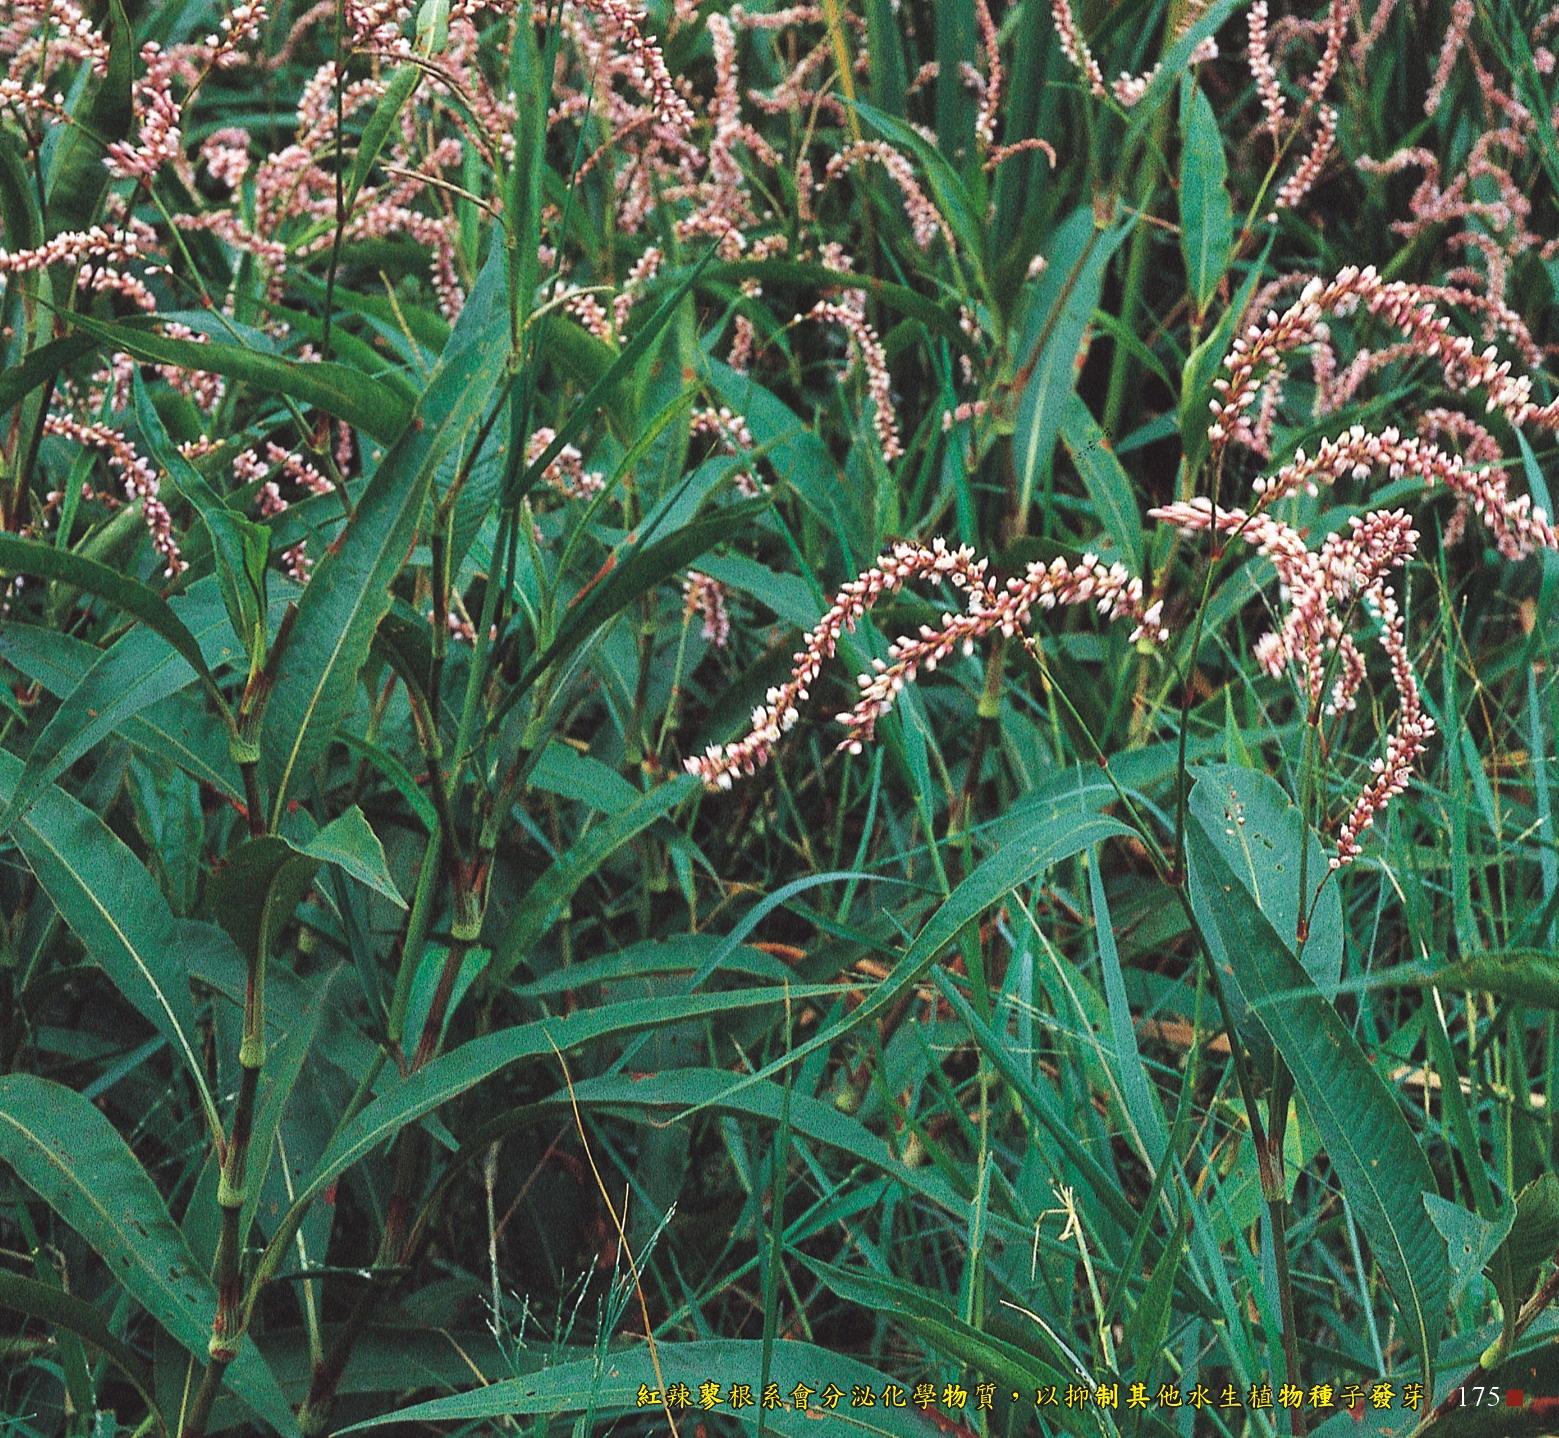 紅辣蓼根系會分泌化學物質,以制其他水生植物種子發芽